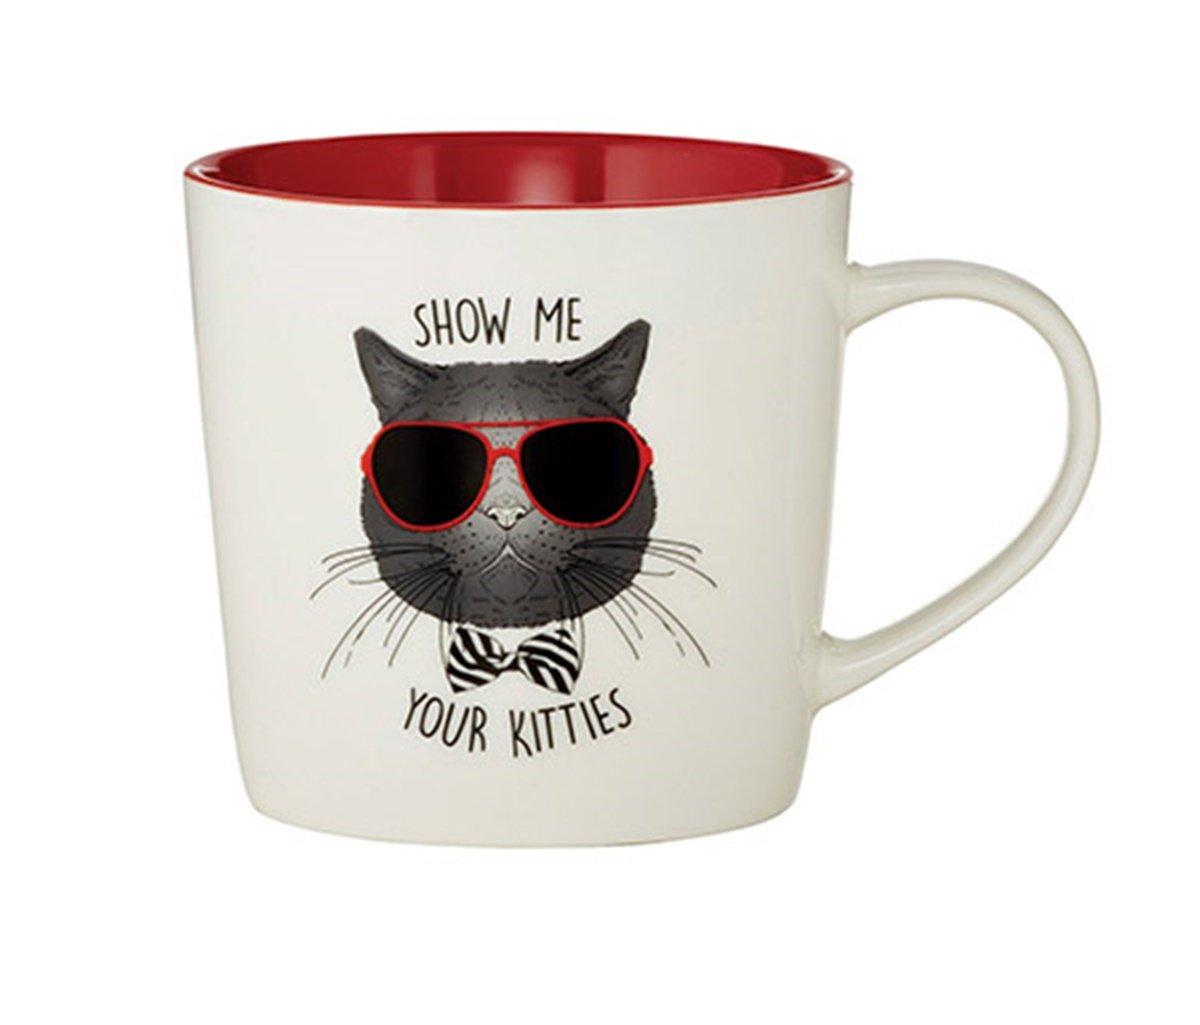 Funny Coffee Mug- Show Me Your Kitties,14oz